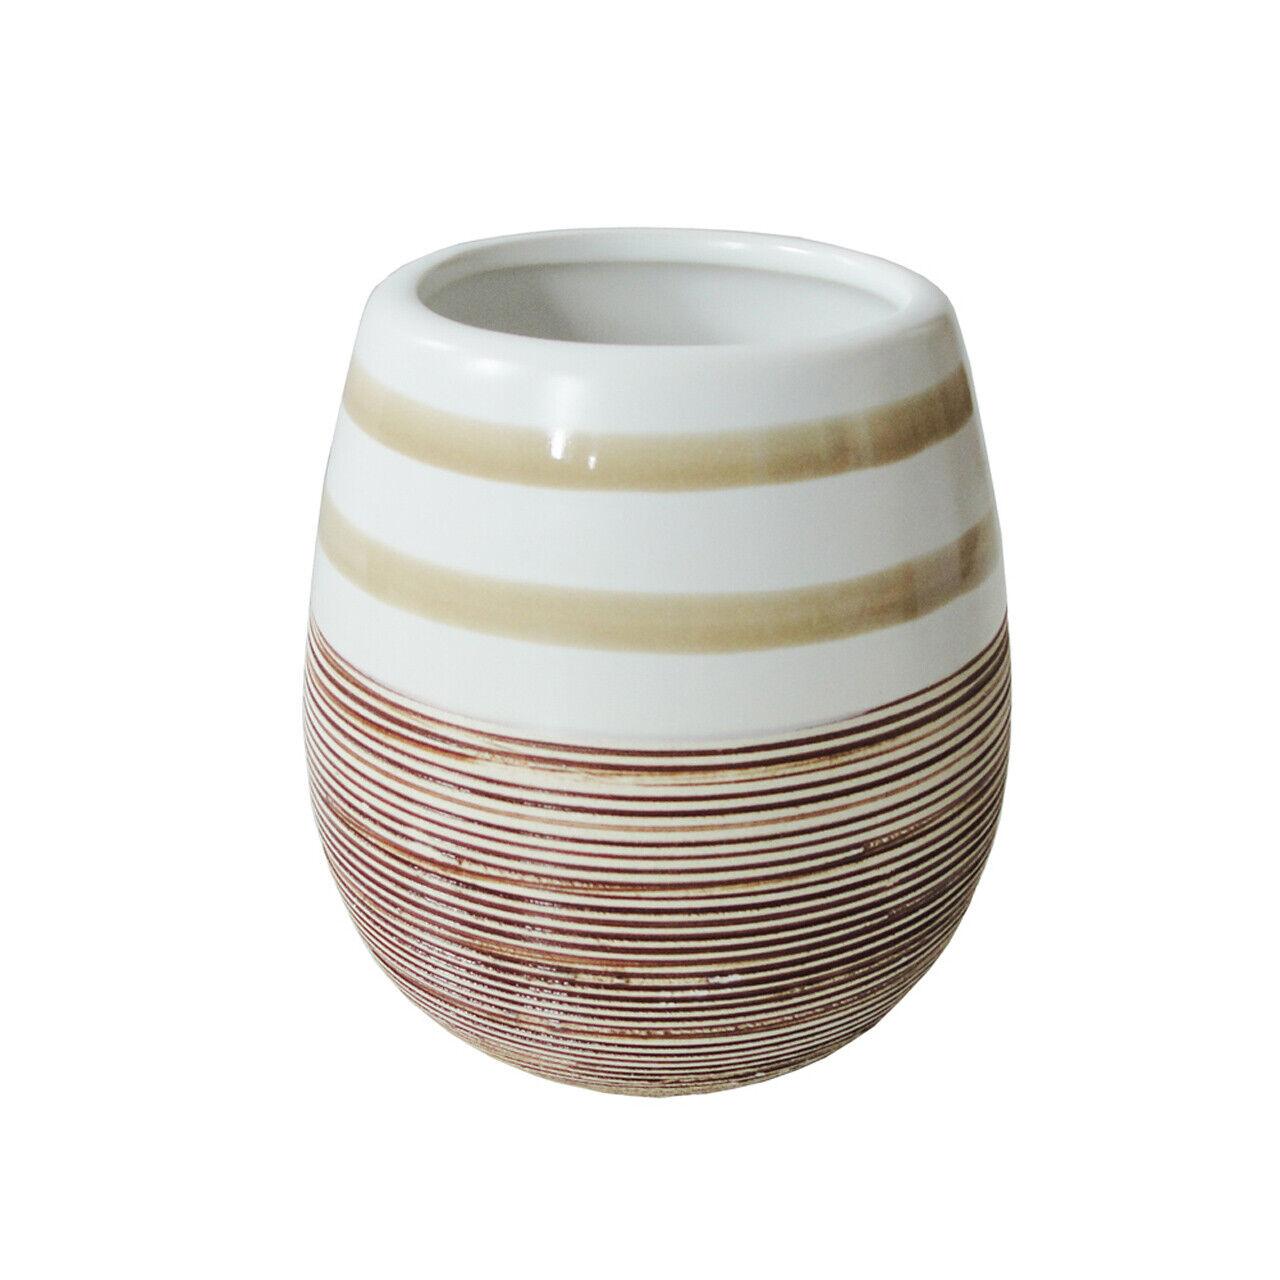 Beige Weißer Zahnputzbecher Zahnputzglas Mundspülbecher aus Keramik mit Streifen